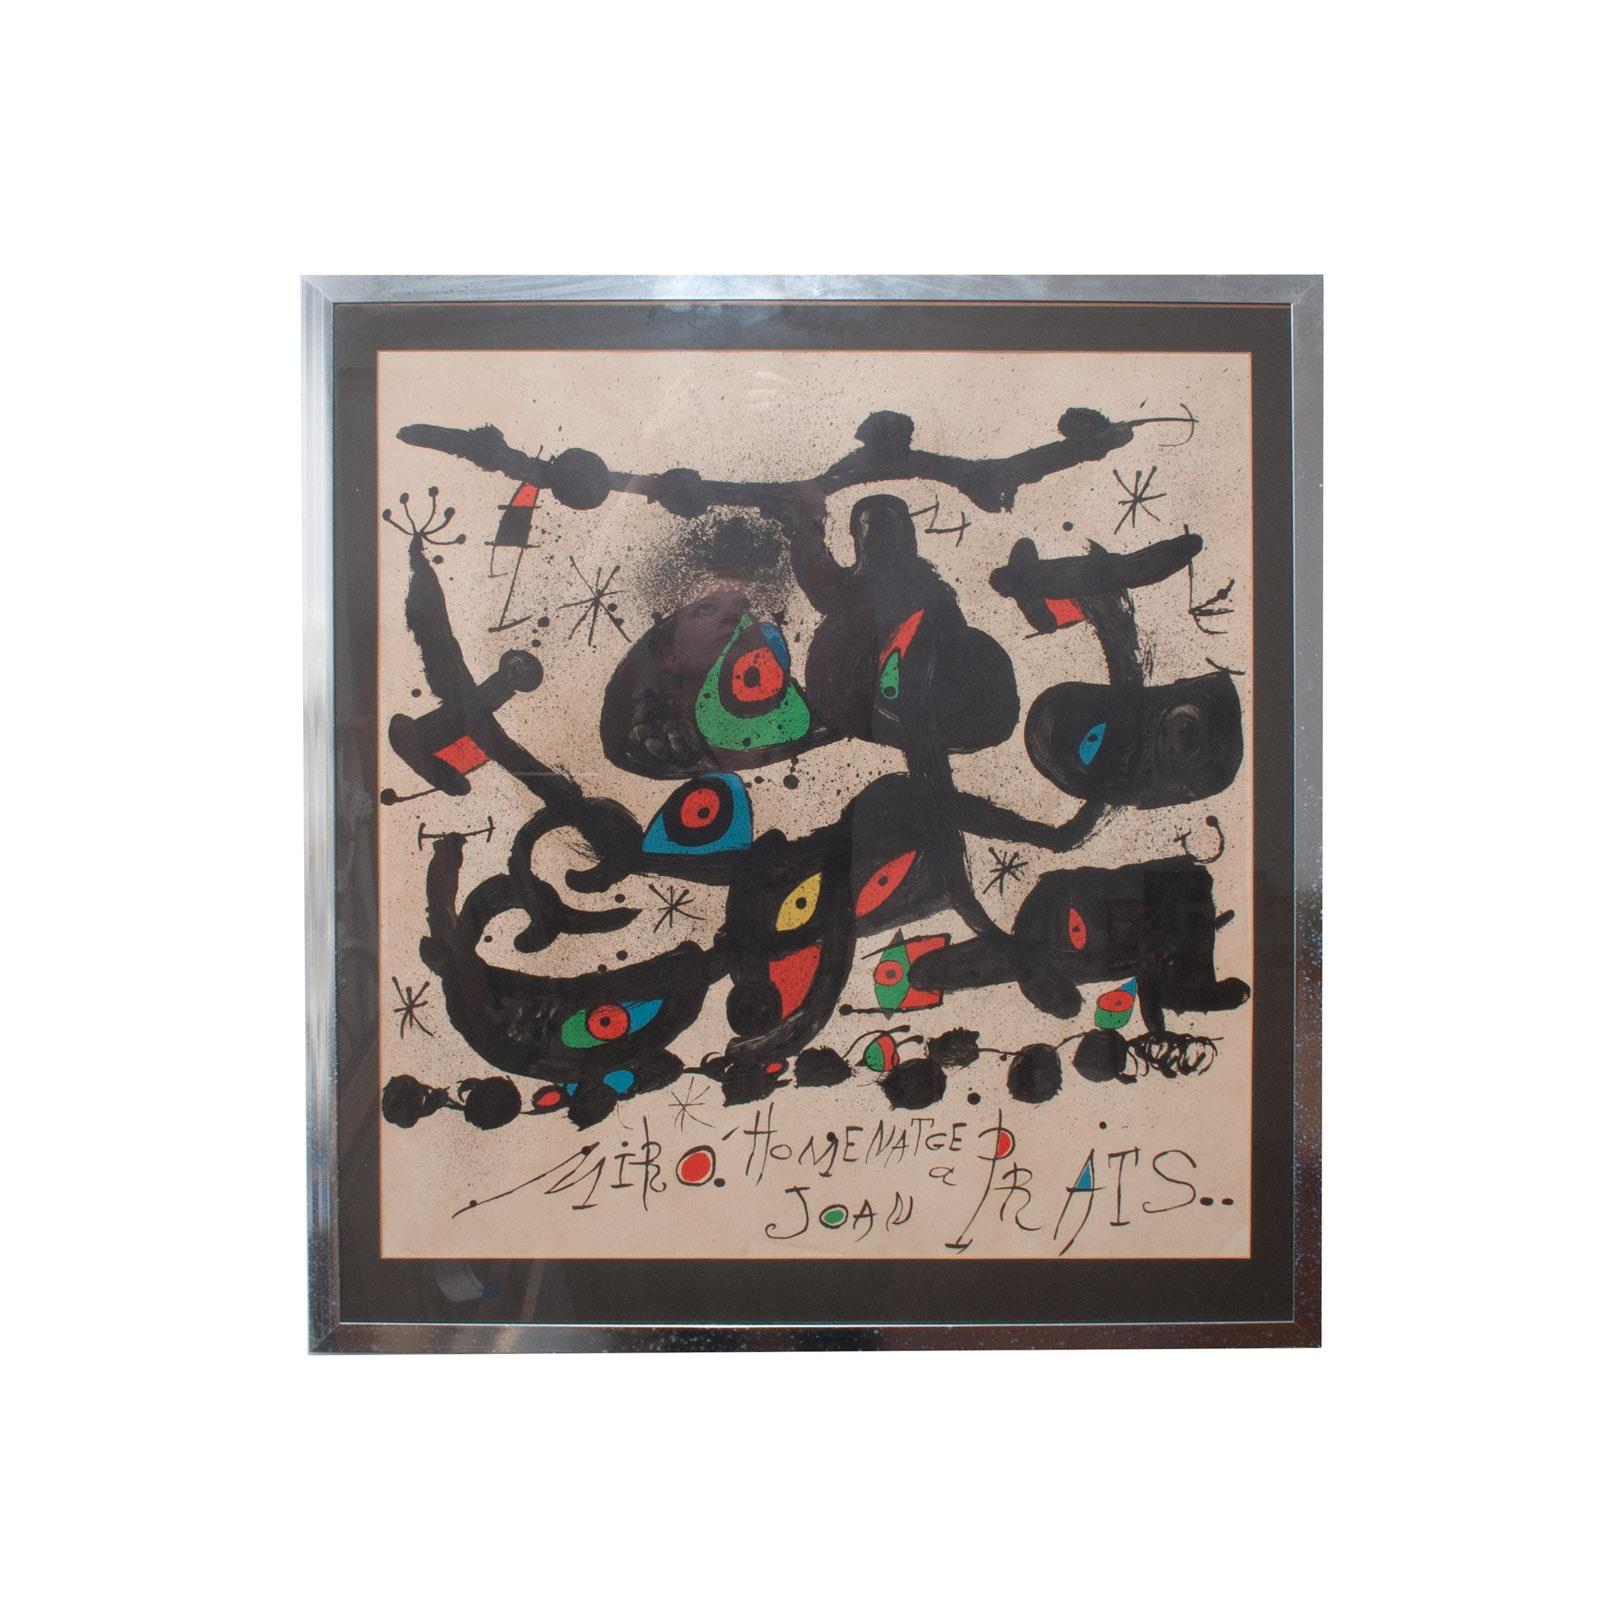 """Joan Miró i Ferrà Lithograph Exhibition Poster for """"Homenatge a Joan Prats"""""""